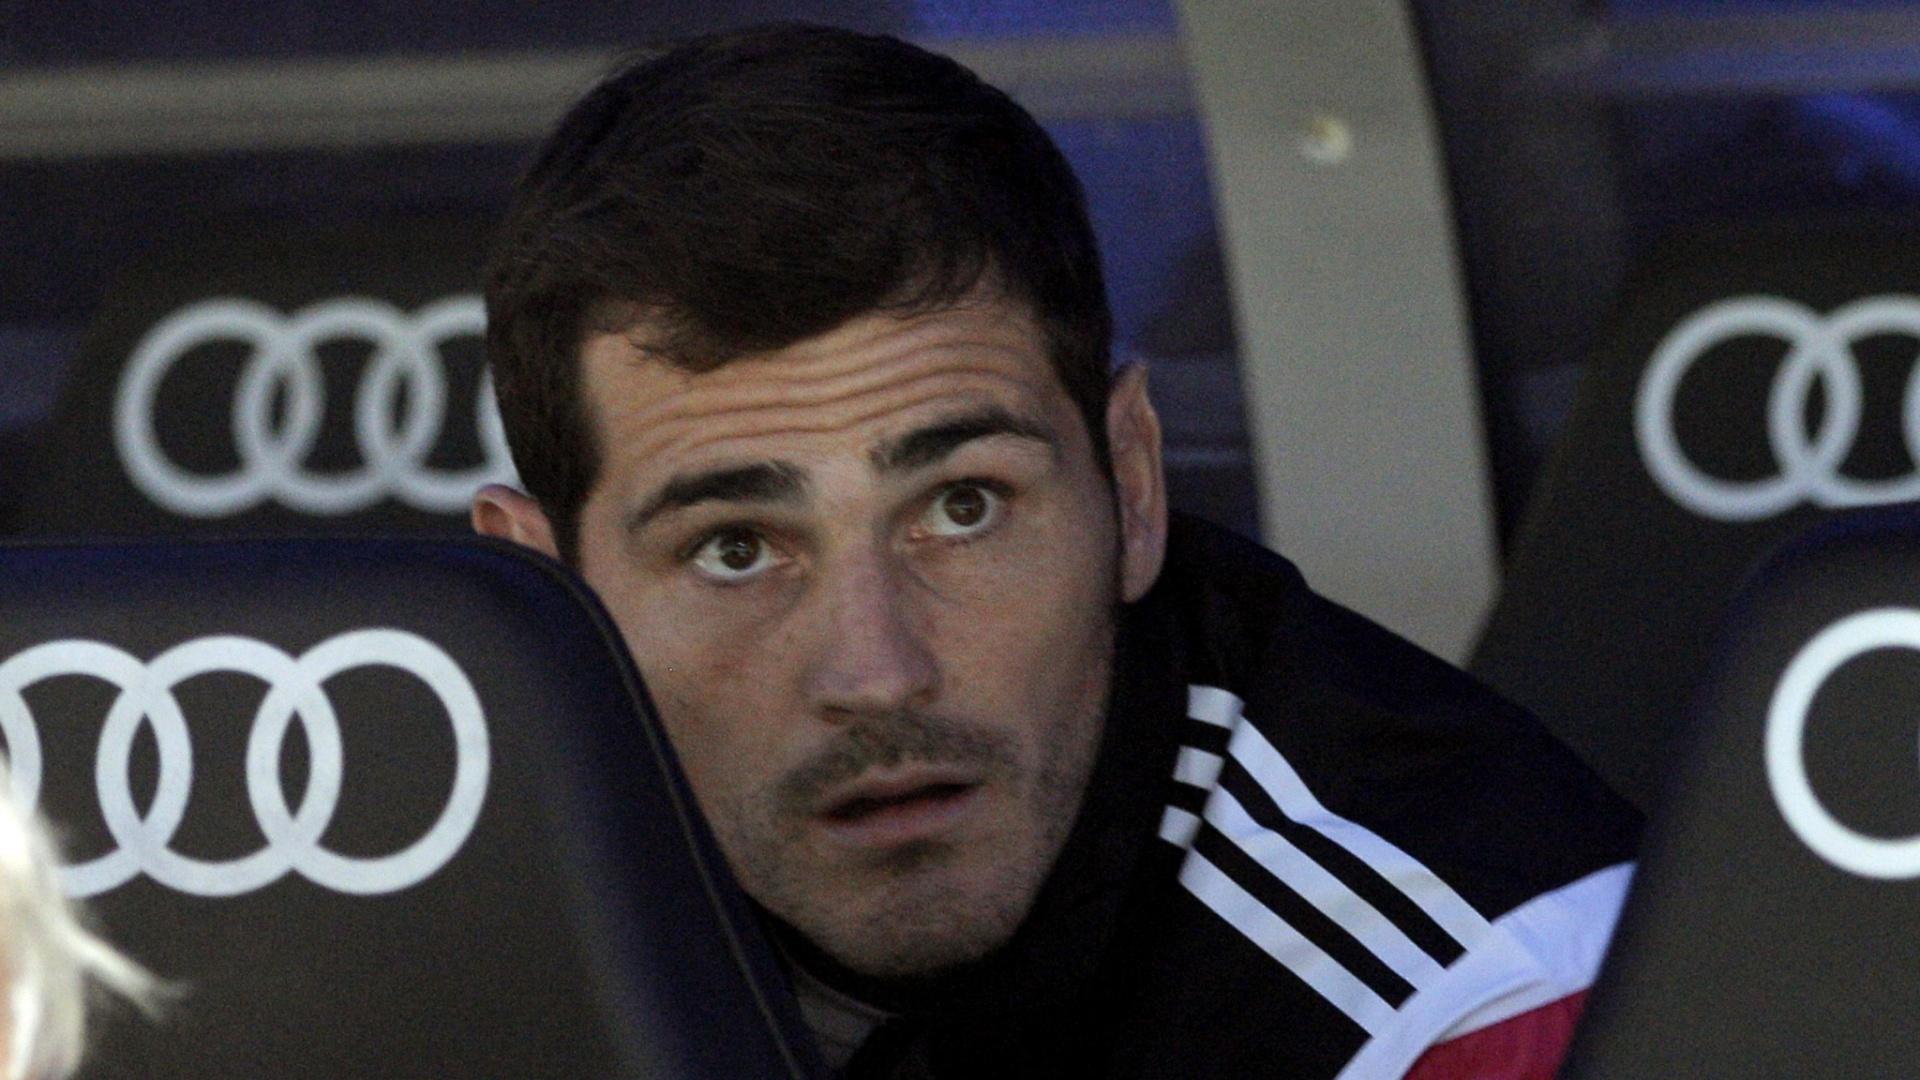 Iker Casillas, goleiro do Real Madrid, fica no banco de reservas na partida contra o Elche, pelo Campeonato Espanhol